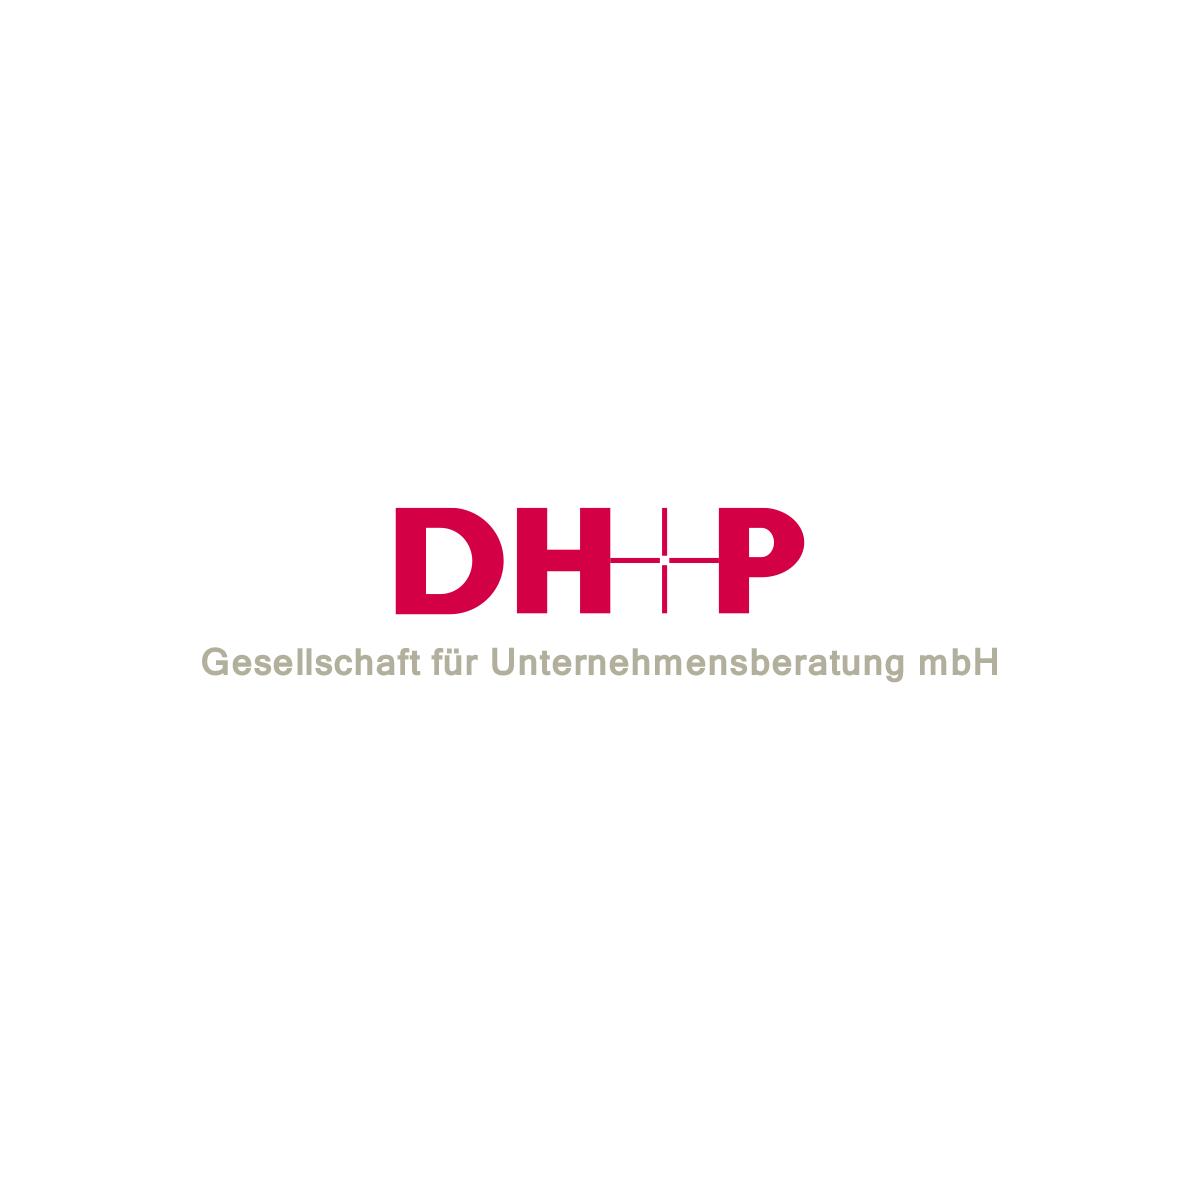 DH+P Gesellschaft für Unternehmensberatung mbH